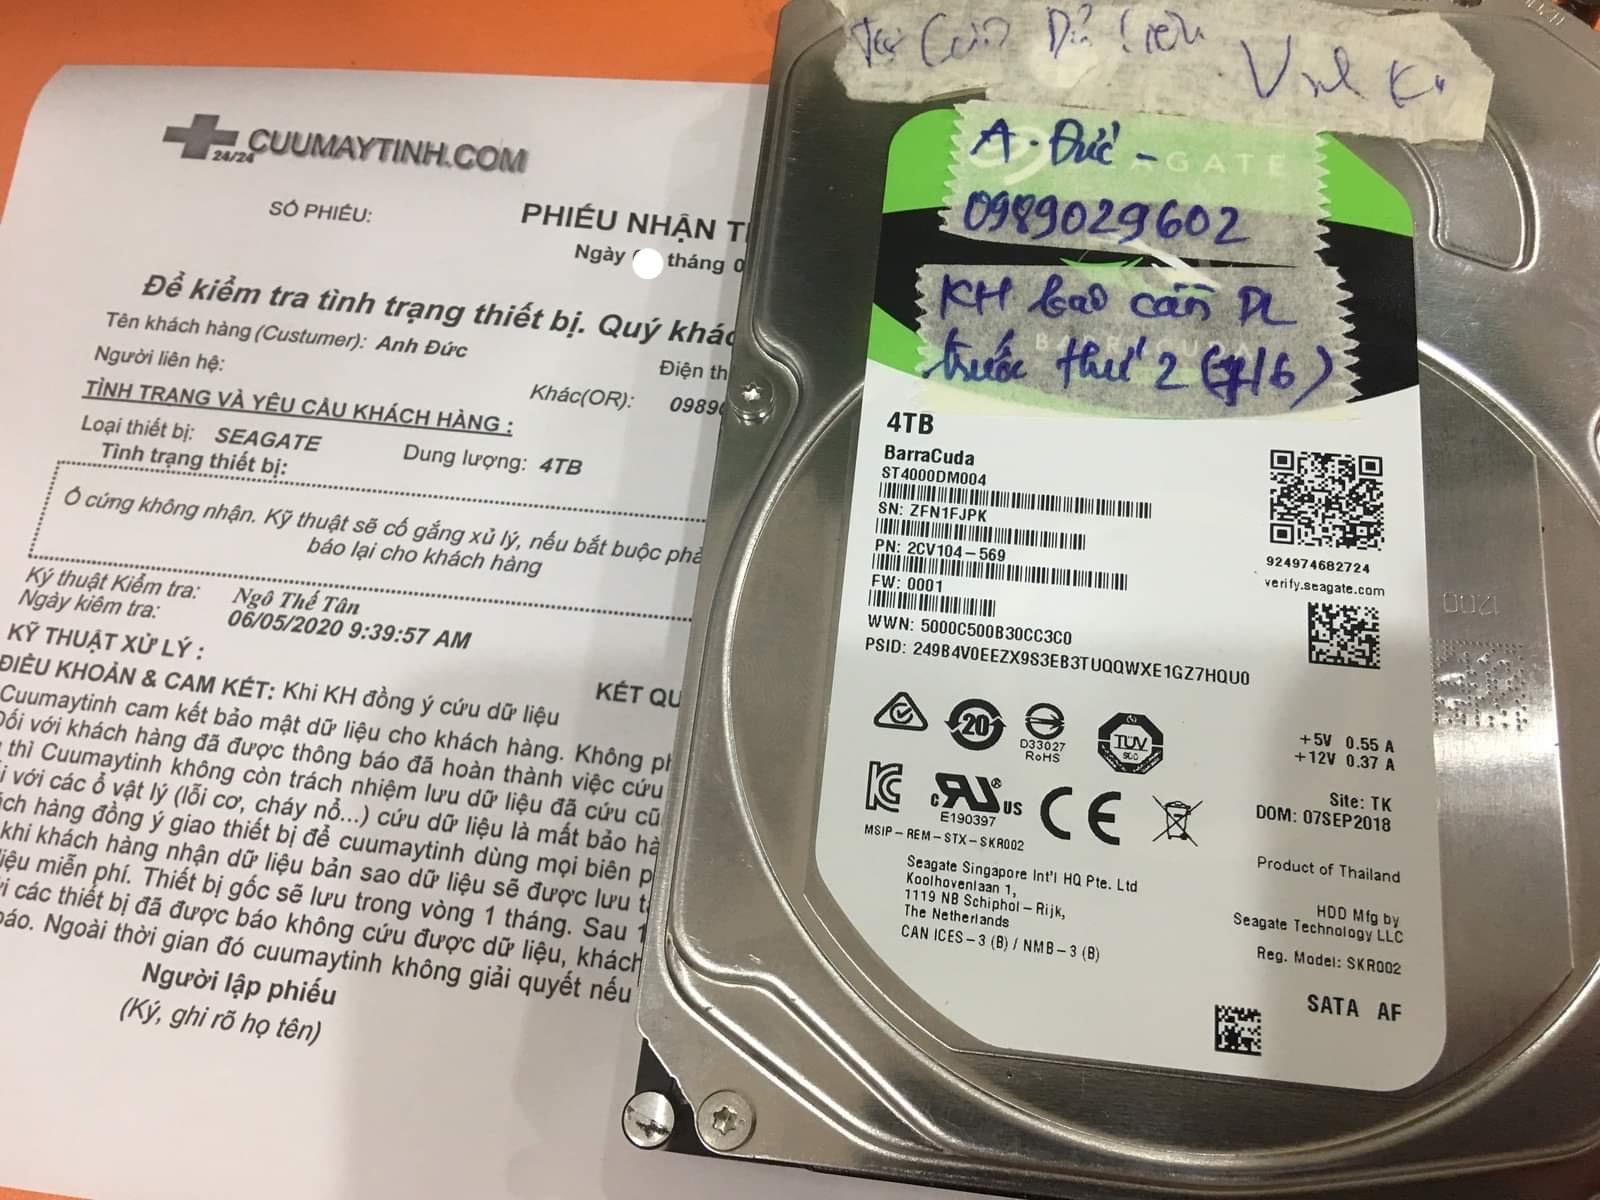 Khôi phục dữ liệu ổ cứng Seagate 4TB không nhận 09/06/2020 - cuumaytinh